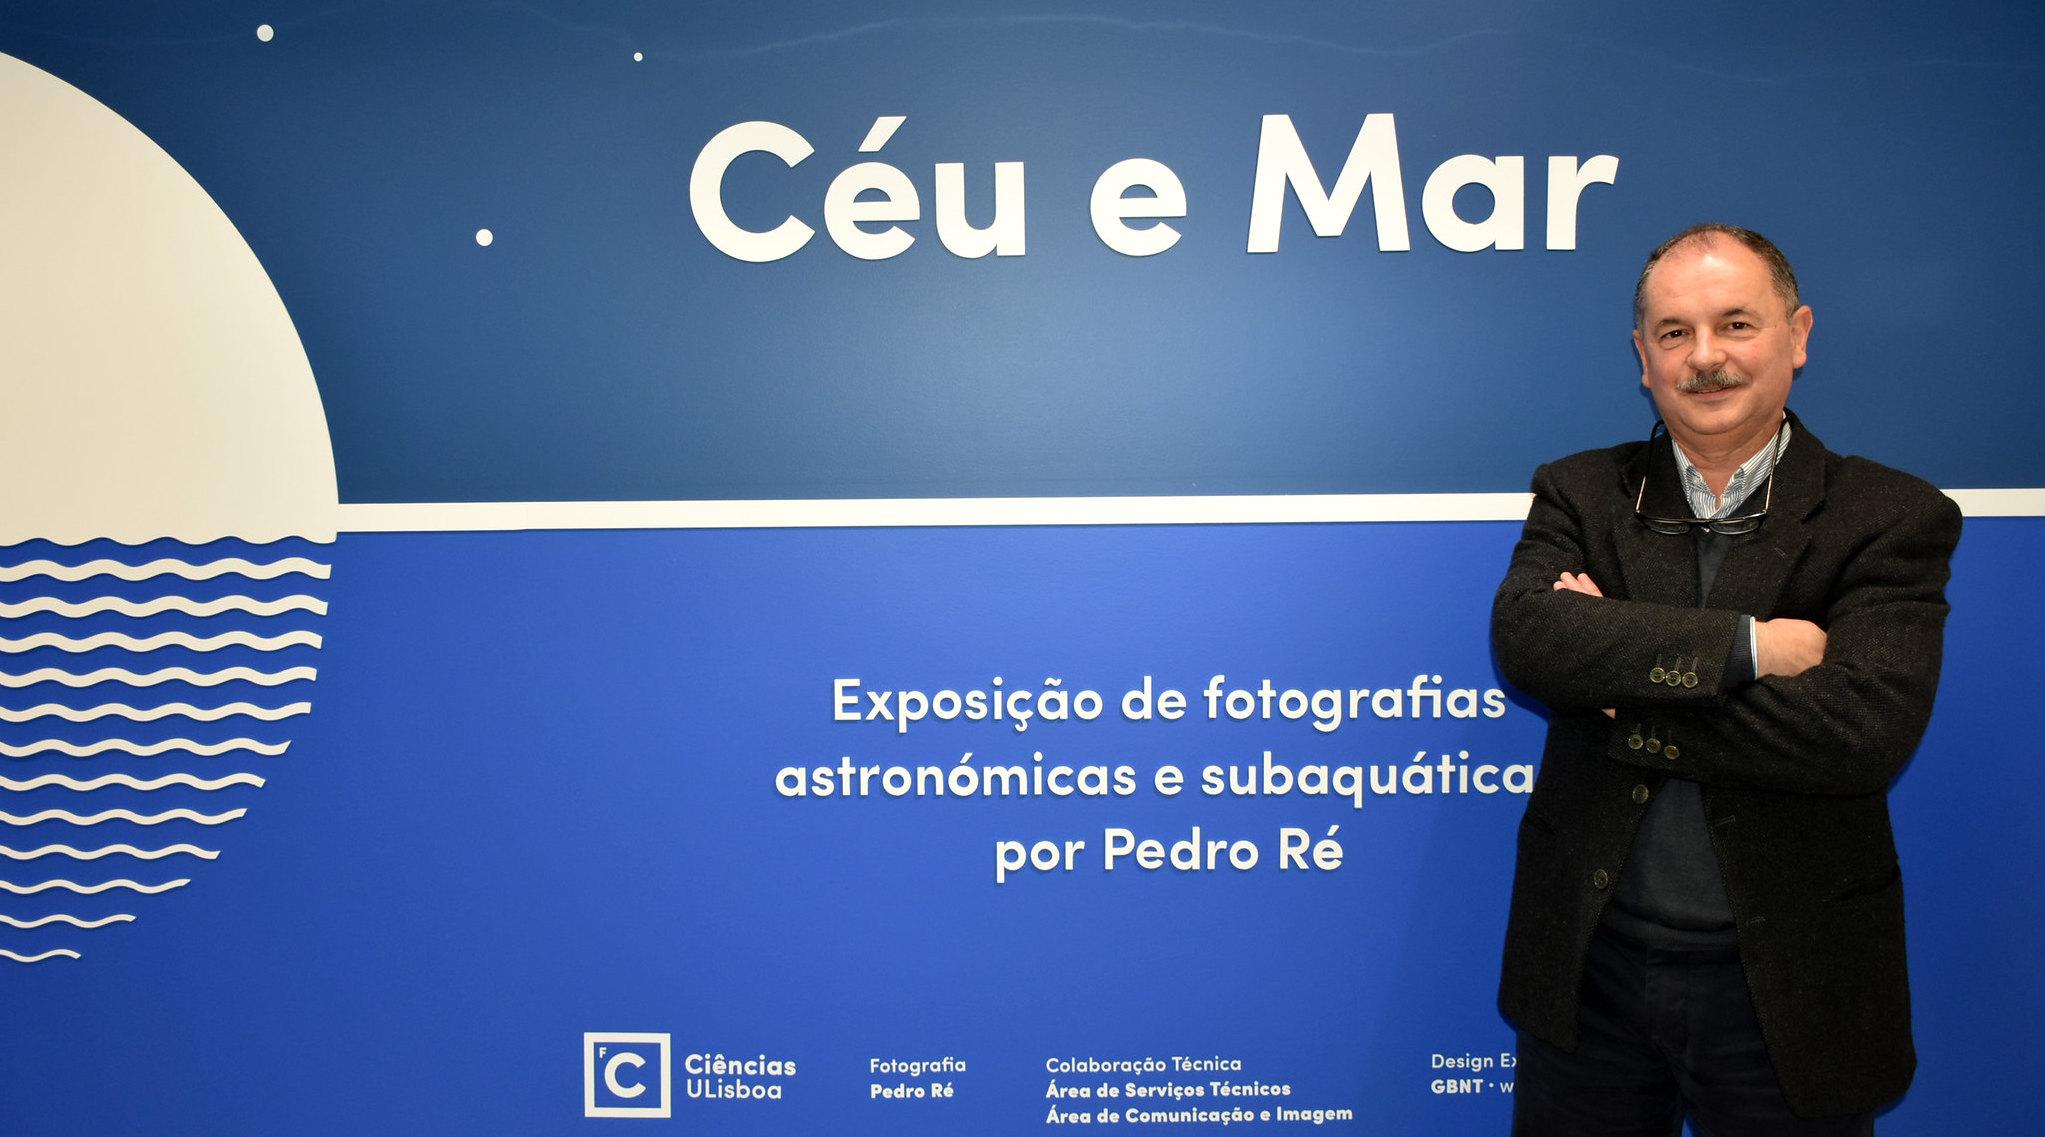 Exposición de fotografía: Céu & Mar